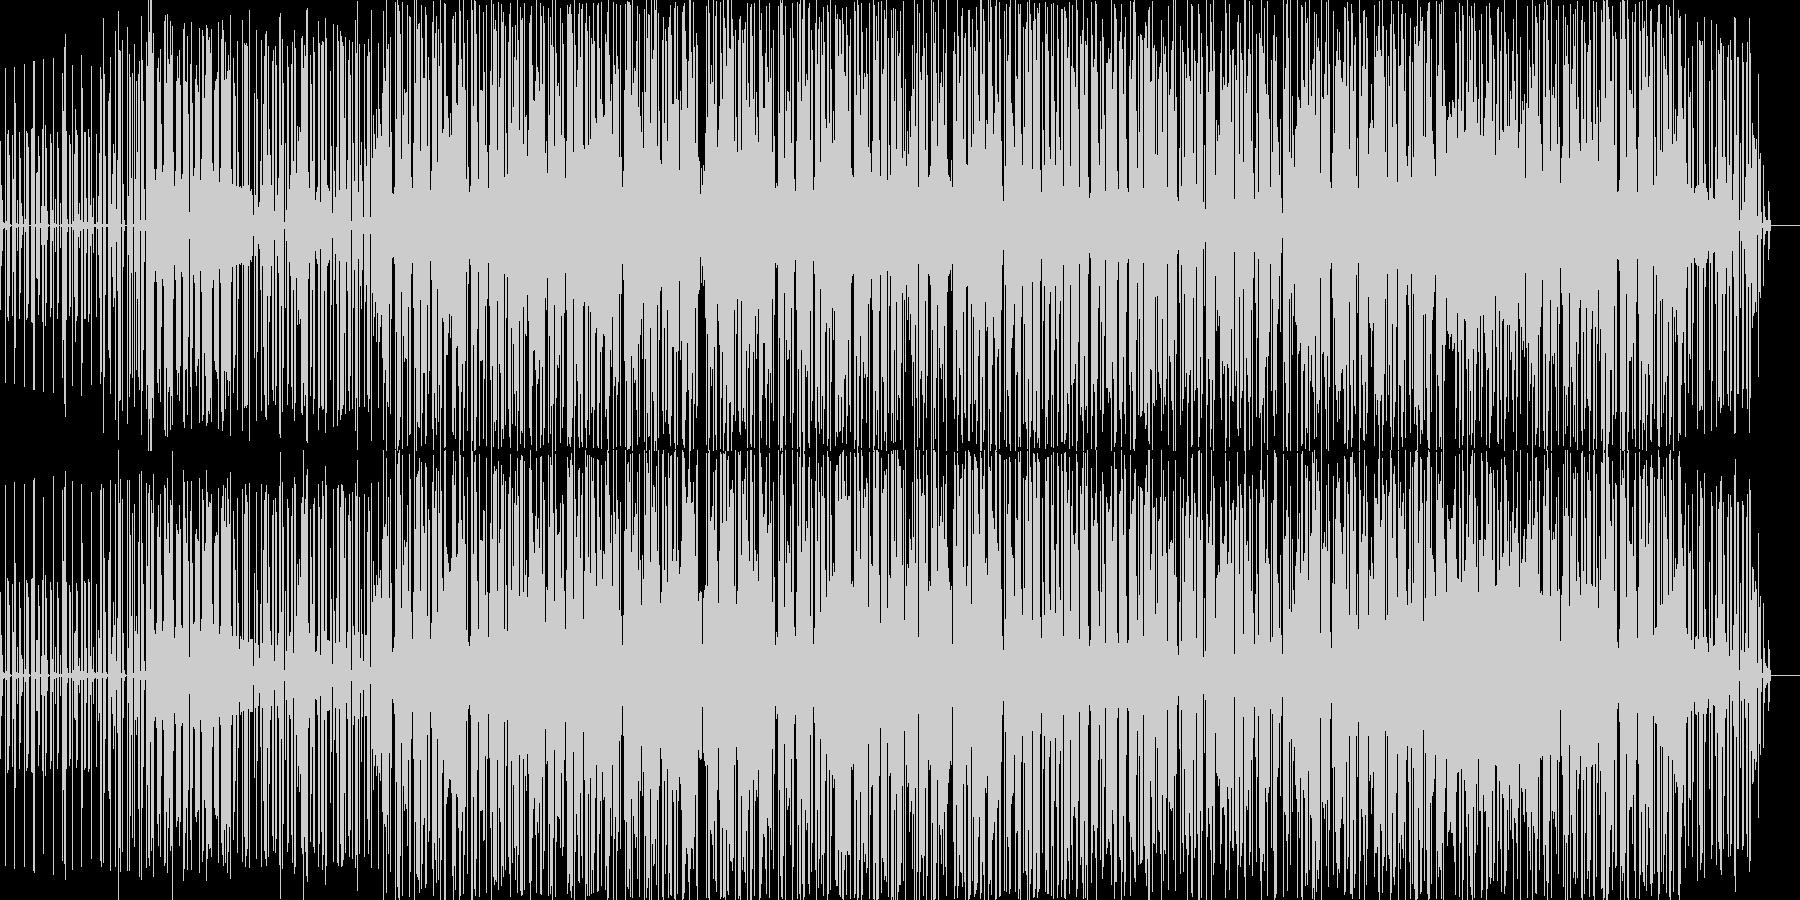 ブレイクビーツが奏でるヒップホップの未再生の波形